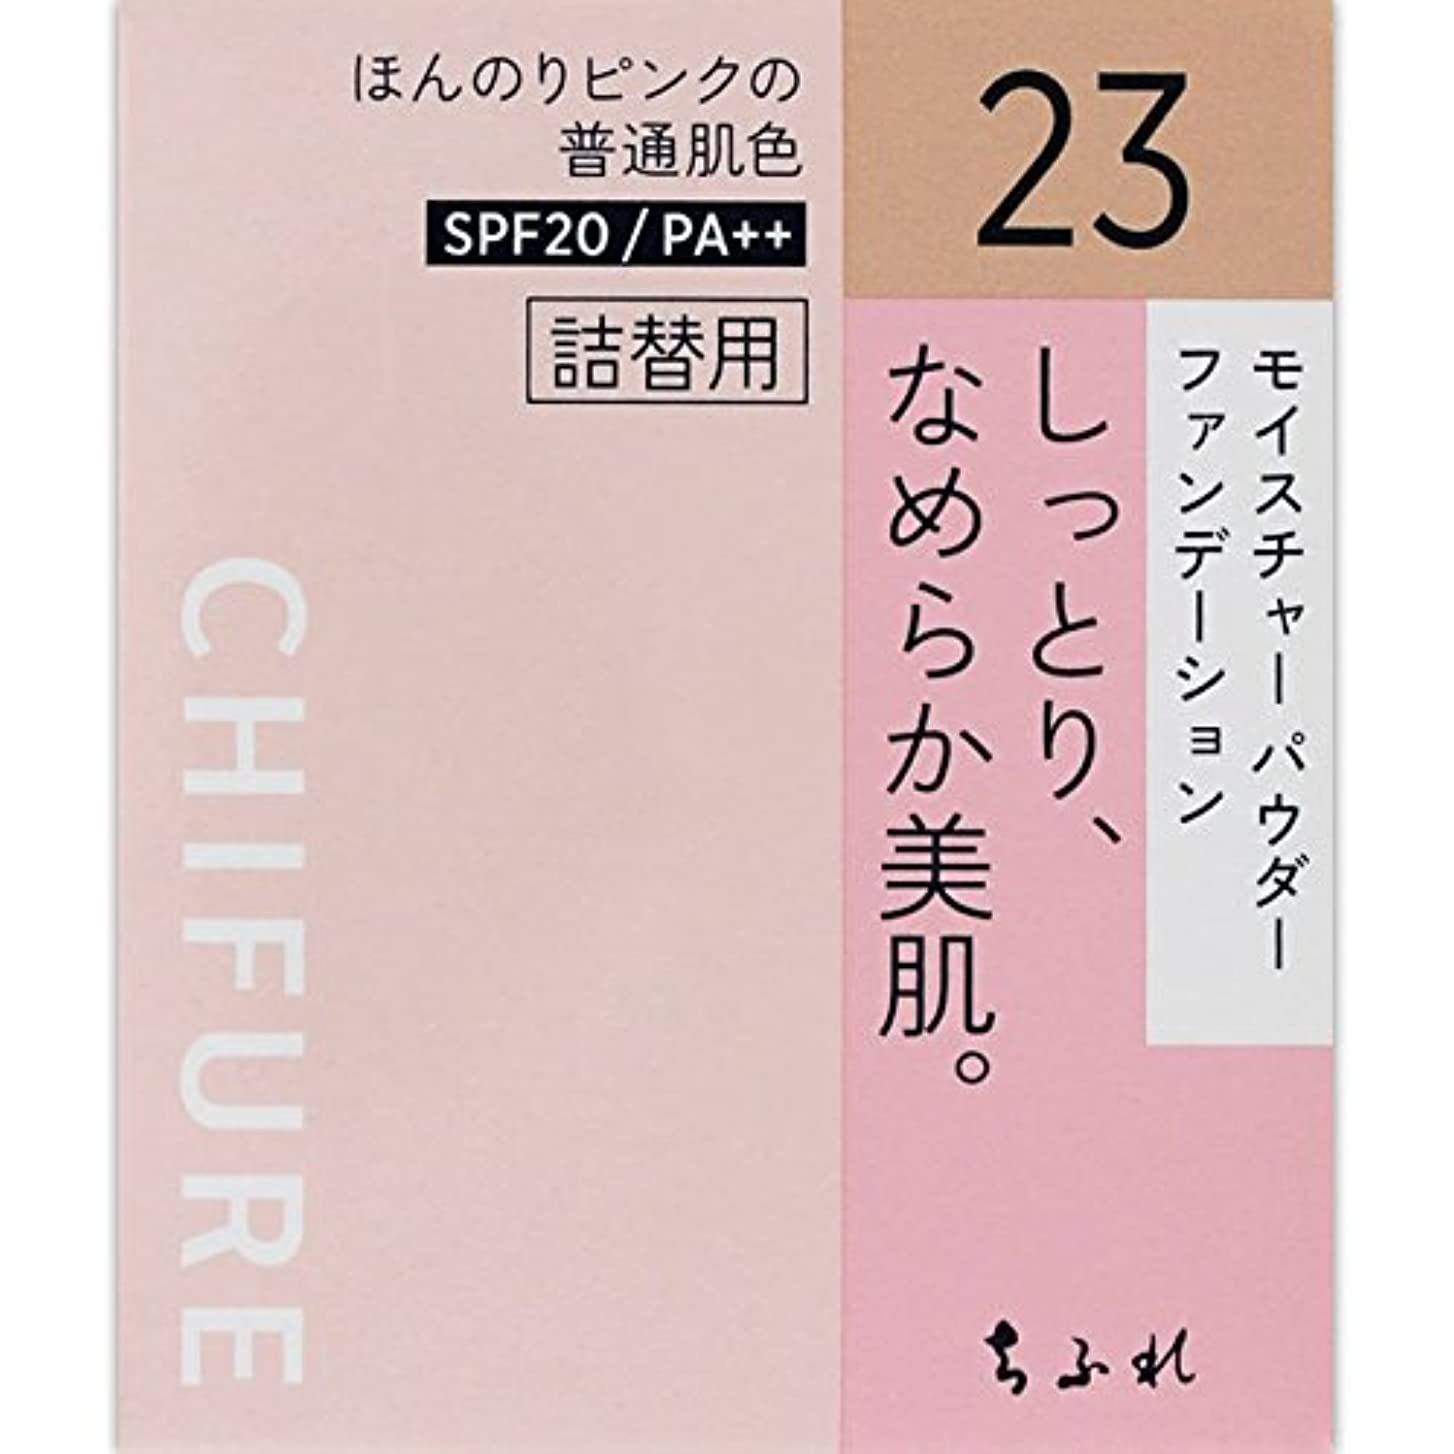 うれしい冷える糞ちふれ化粧品 モイスチャー パウダーファンデーション 詰替用 ピンクオークル系 MパウダーFD詰替用23